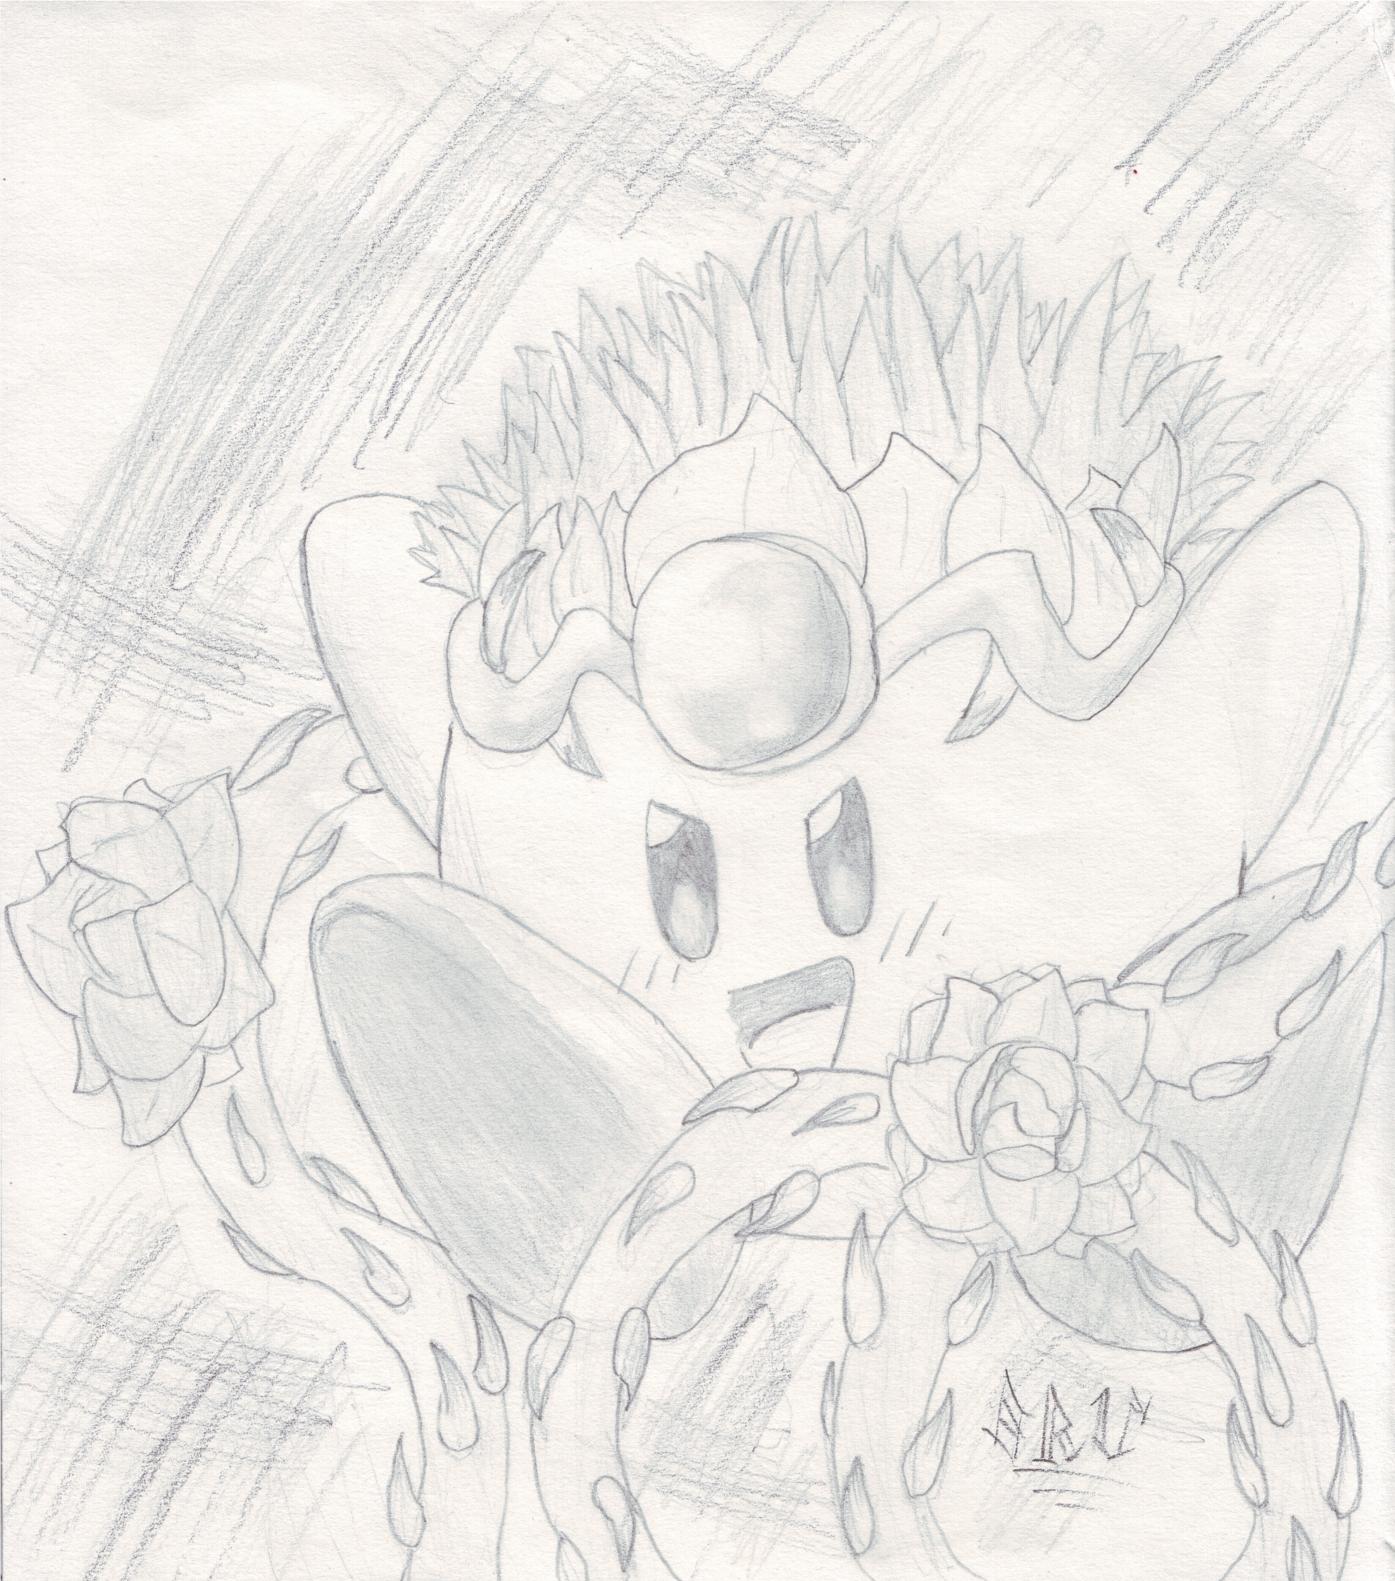 Kirby plant power